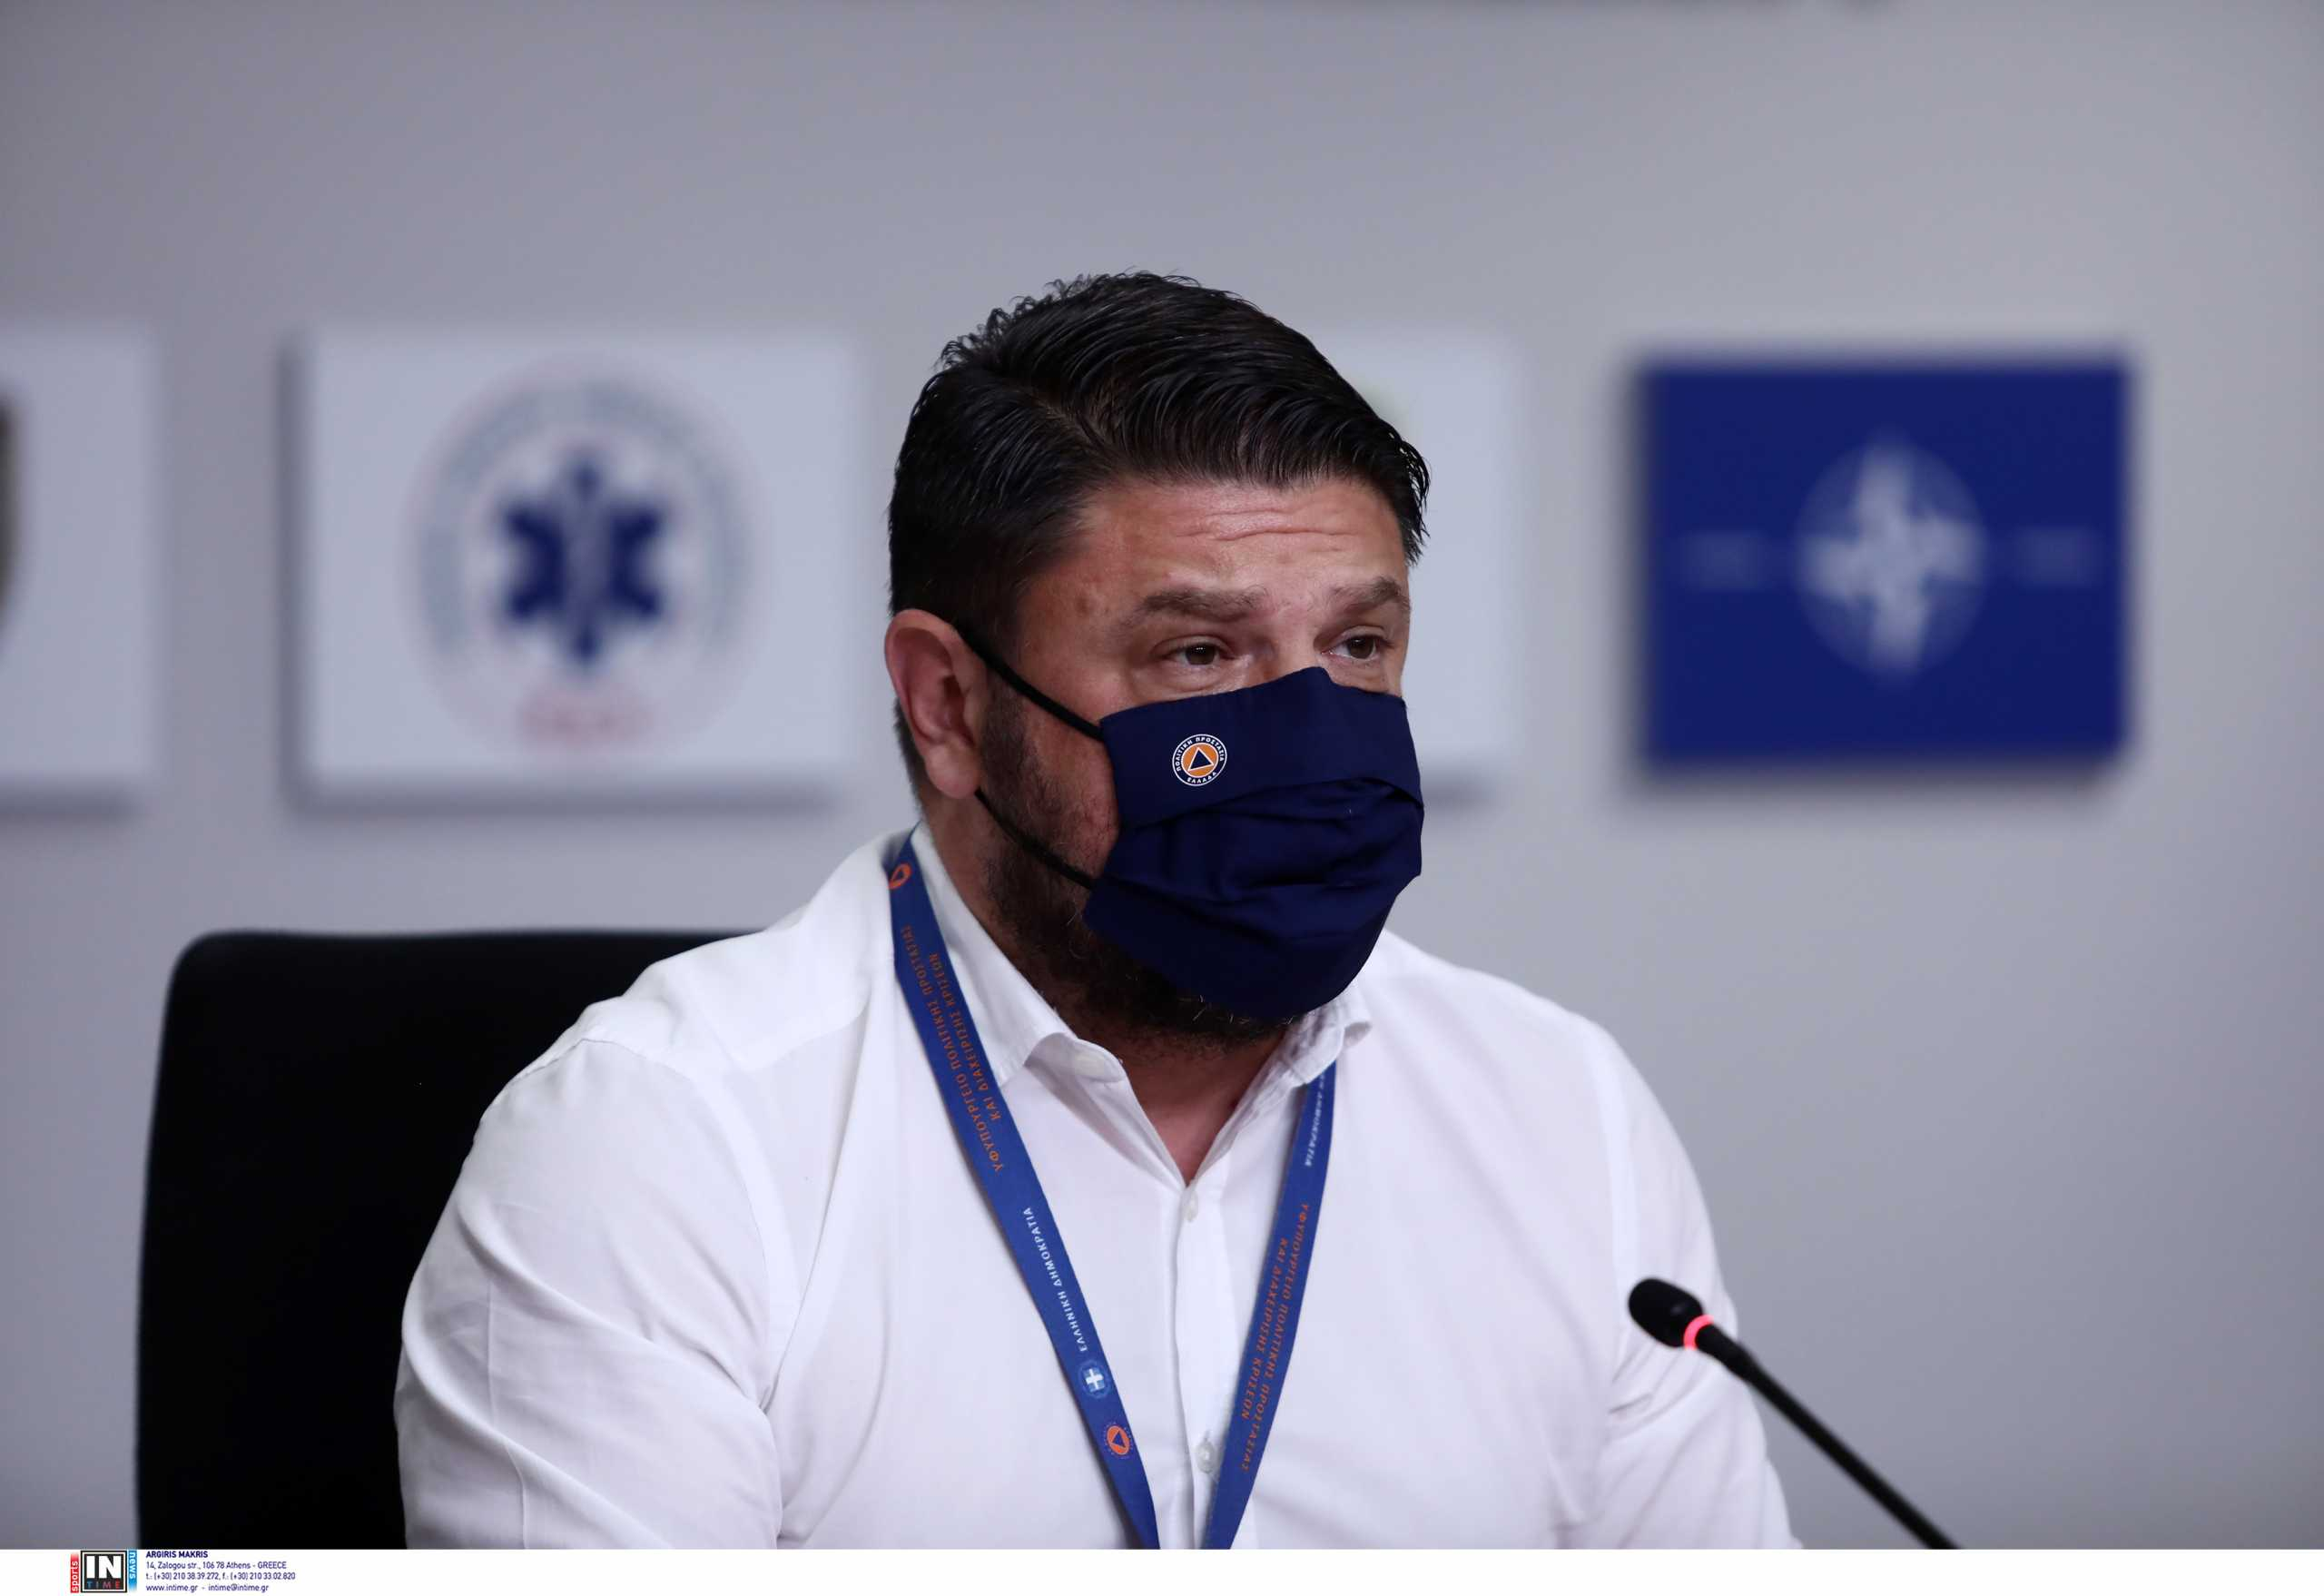 Νίκος Χαρδαλιάς: Το «ευχαριστώ» στον Ευρωπαίο επίτροπο για την Πολιτική Προστασία